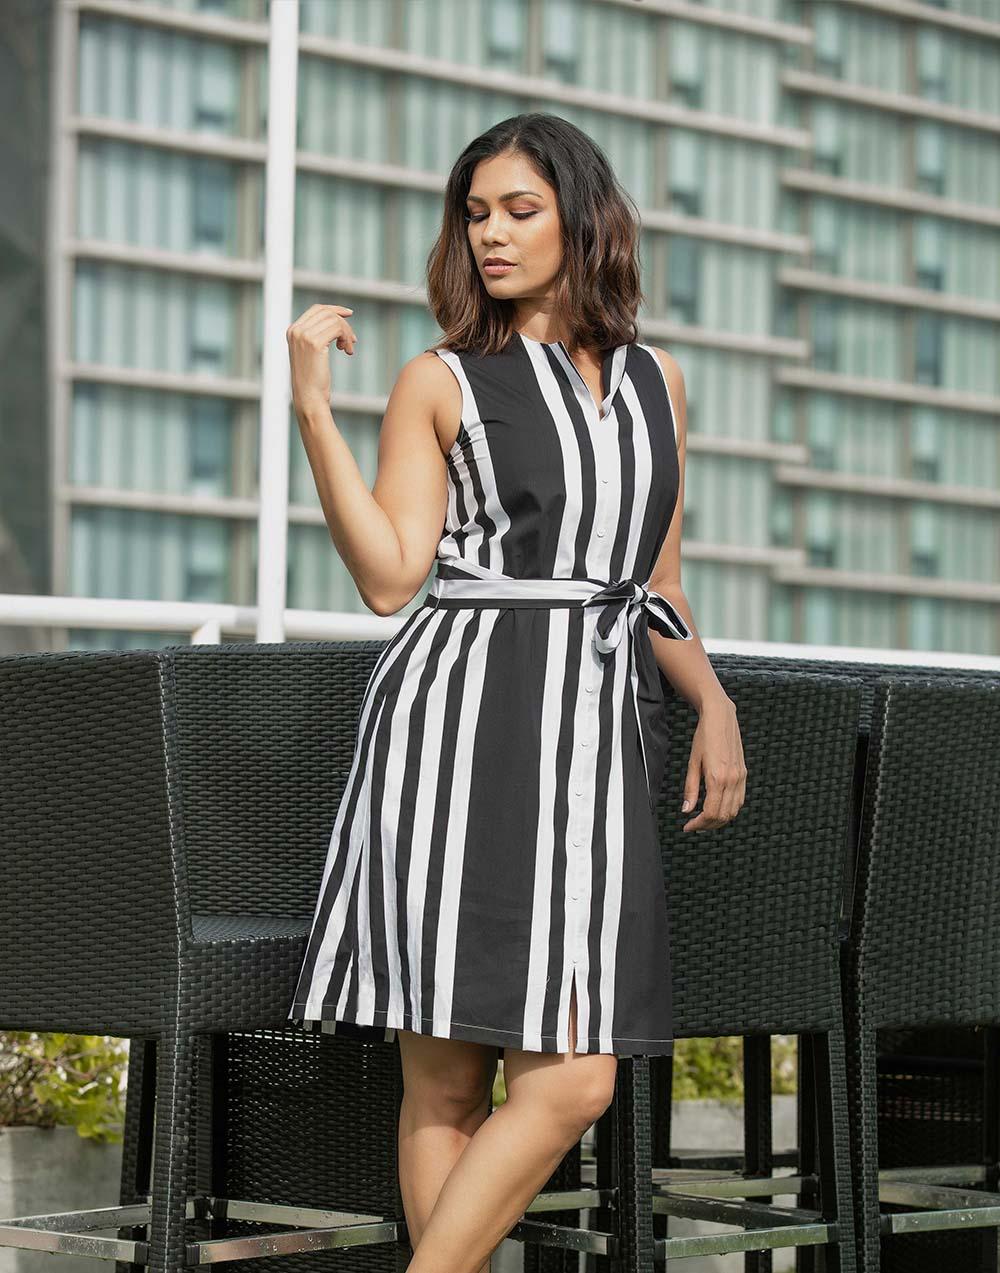 Free to be stripe ww dress